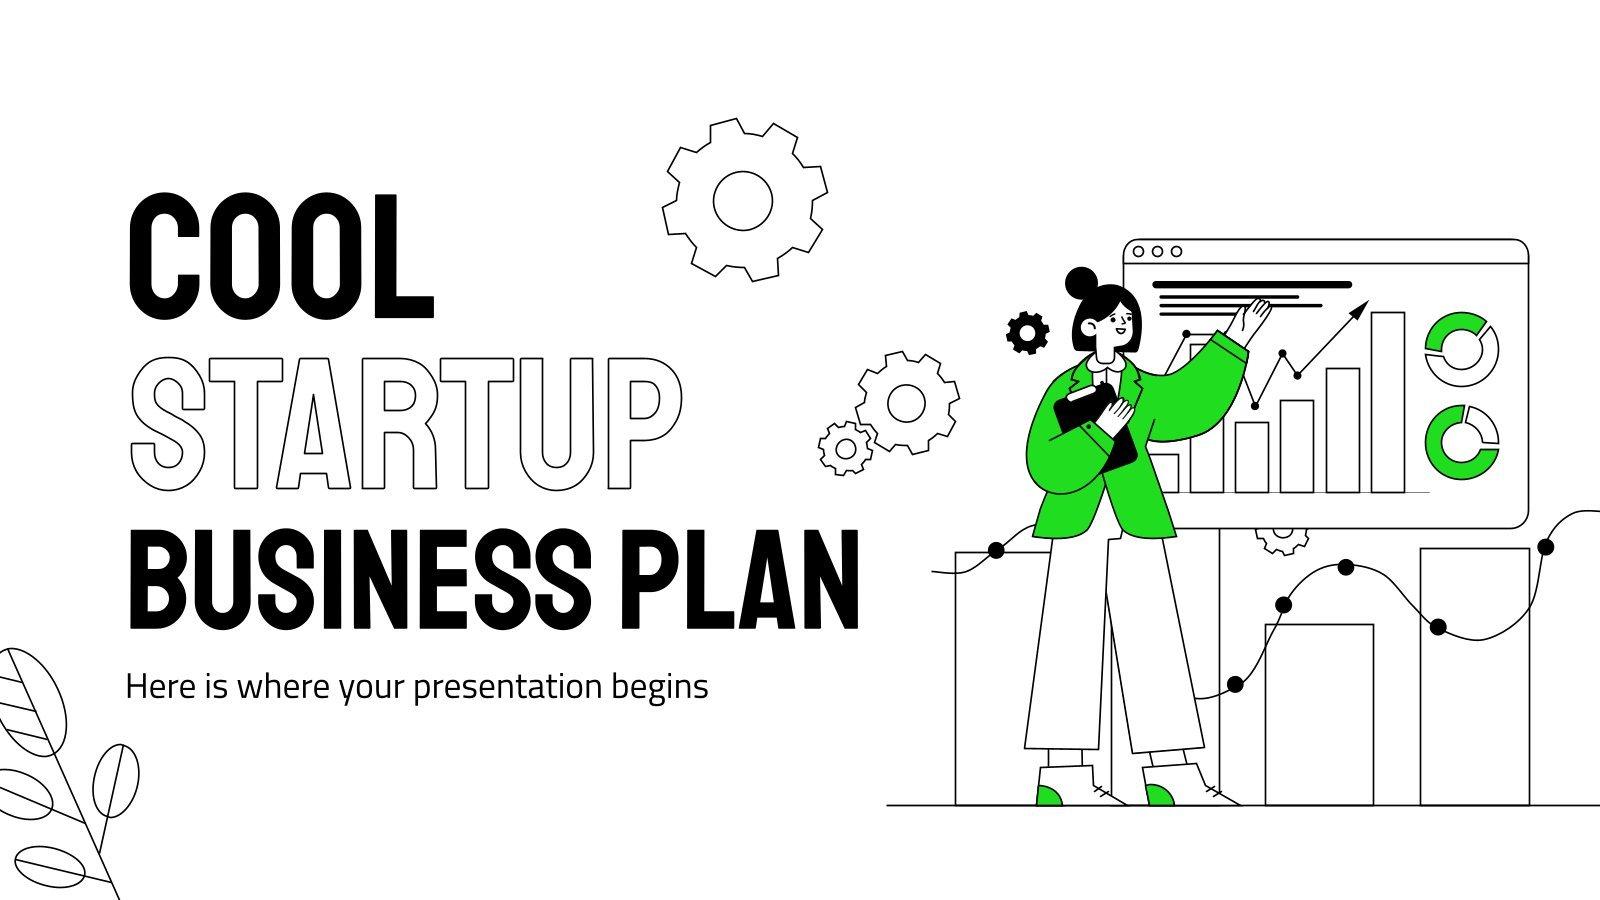 Plantilla de presentación Plan de negocios genial para startups